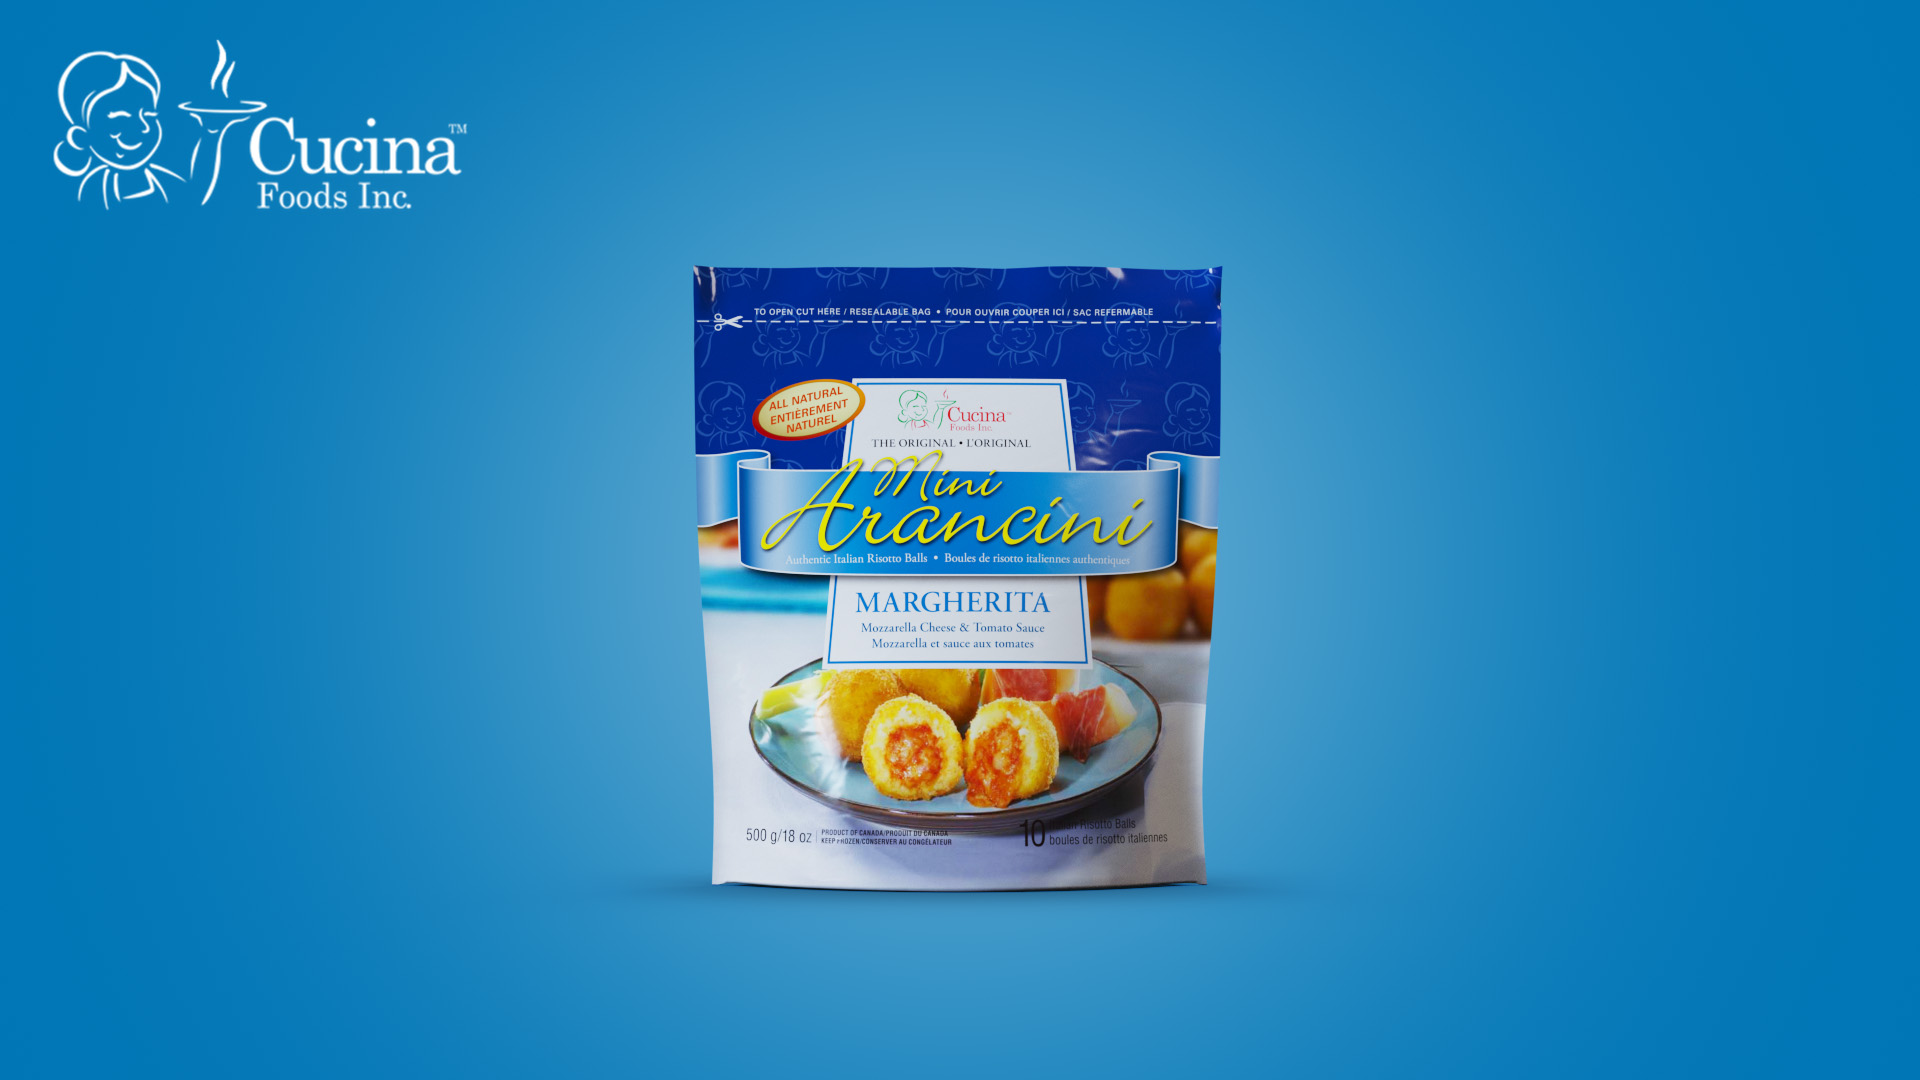 cucinafoods_miniarancini_image02